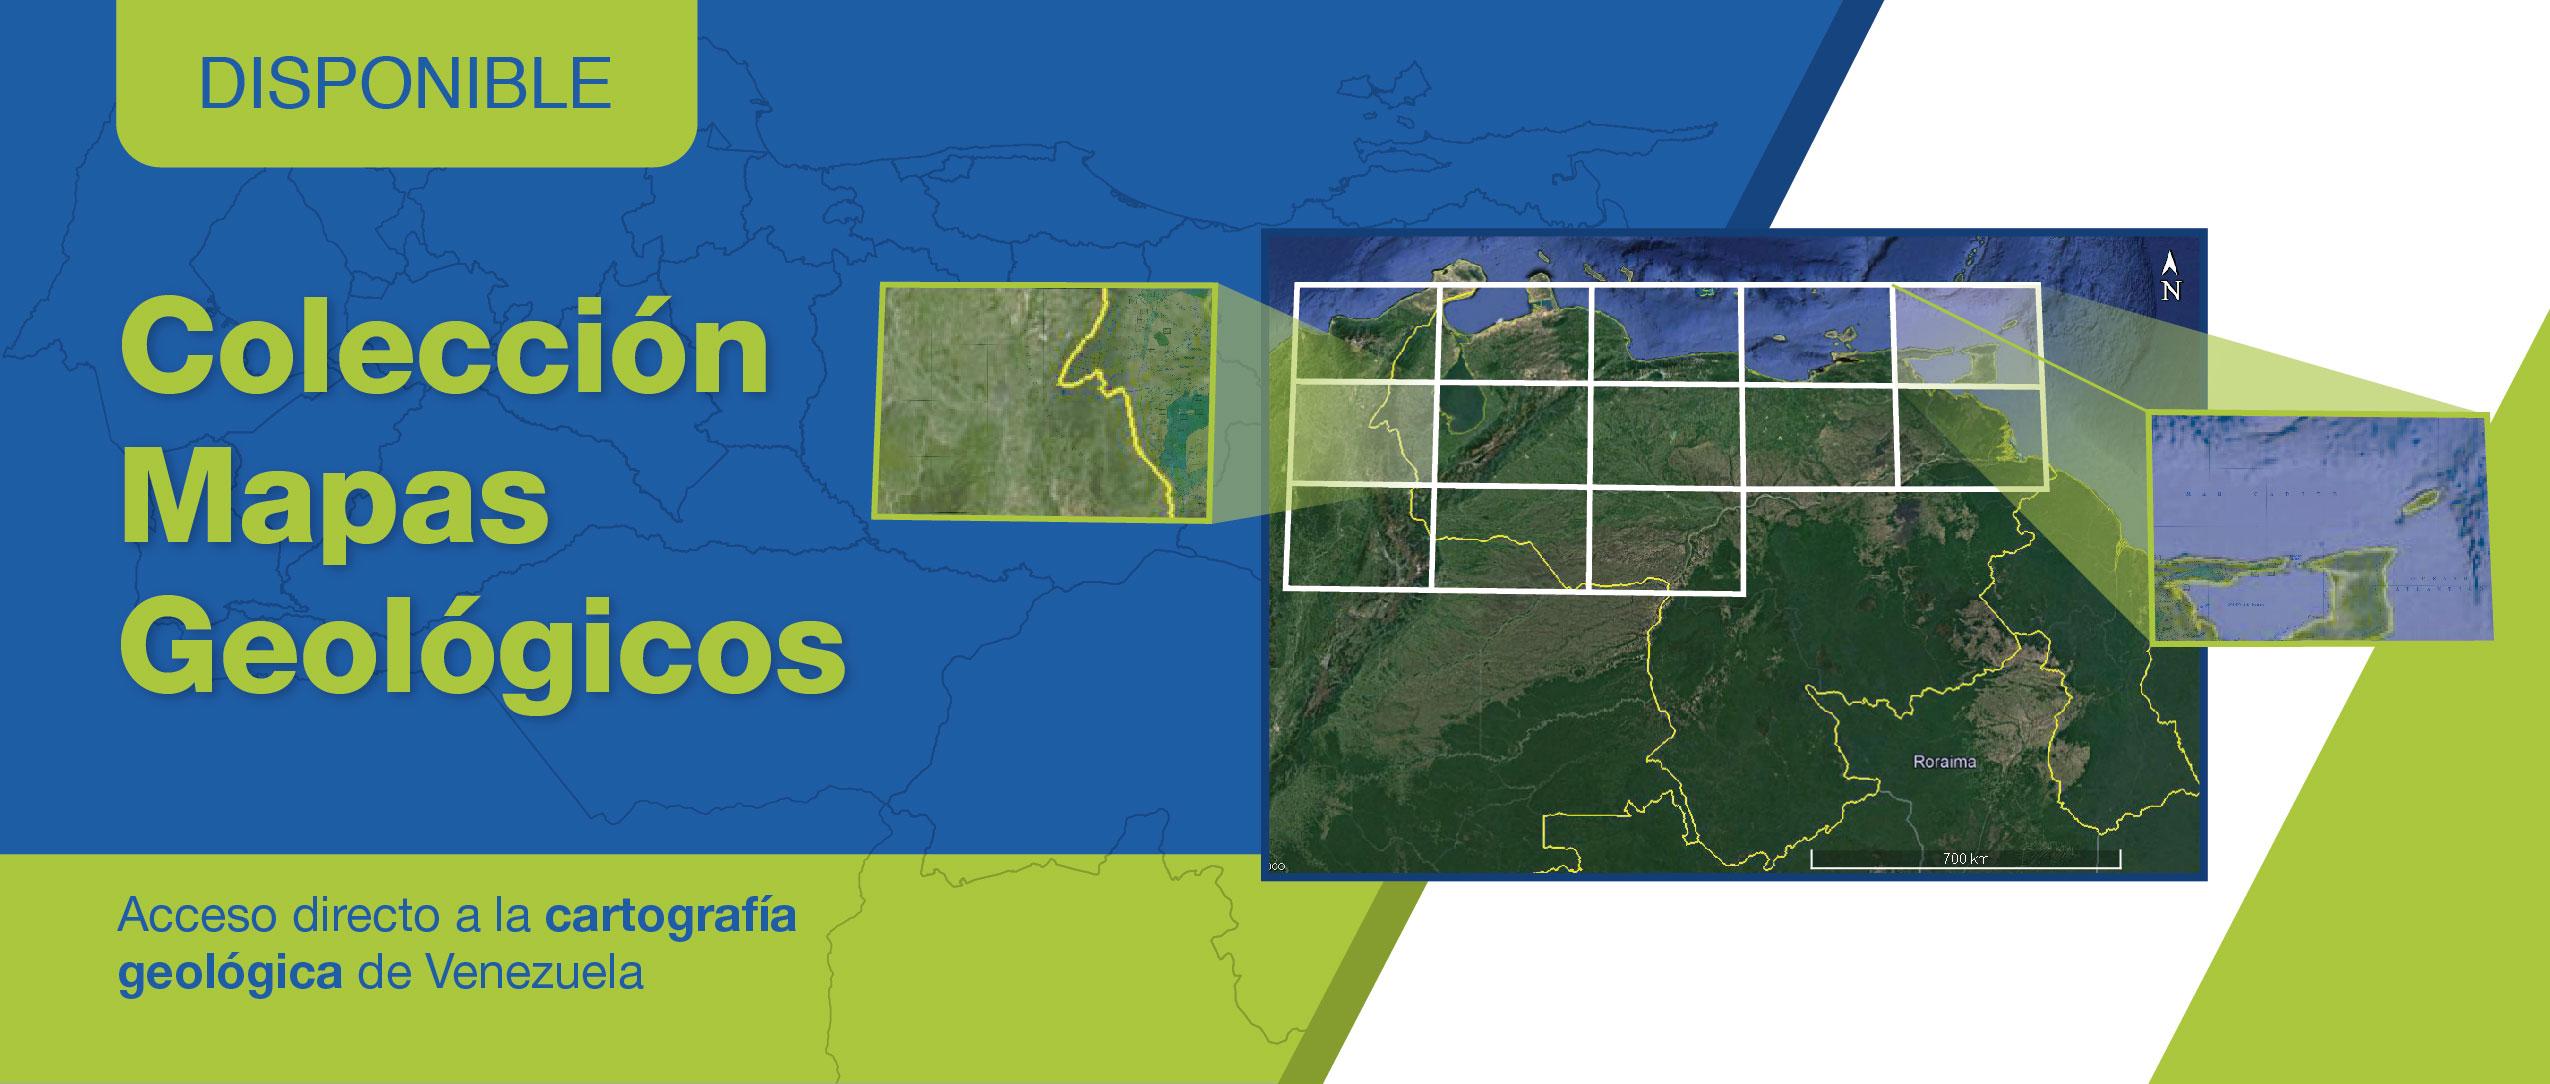 Colección de Mapas de Geología